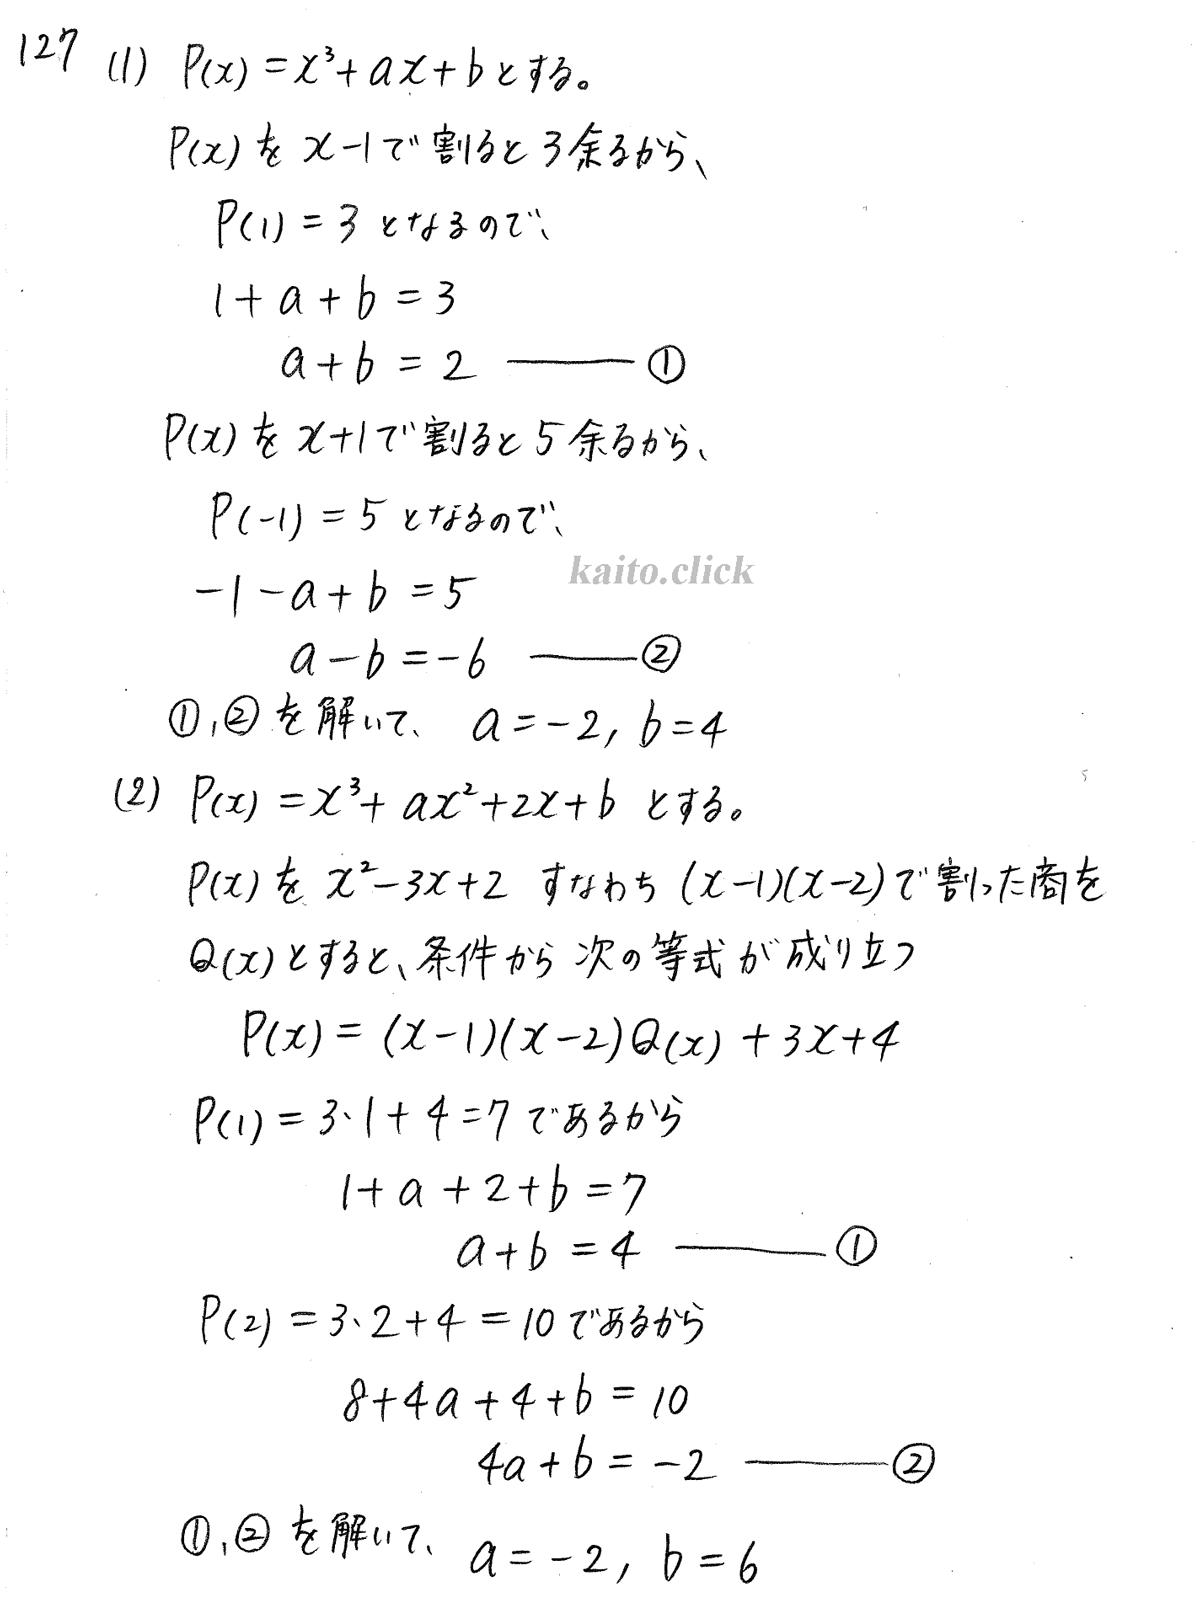 クリアー数学2-127解答